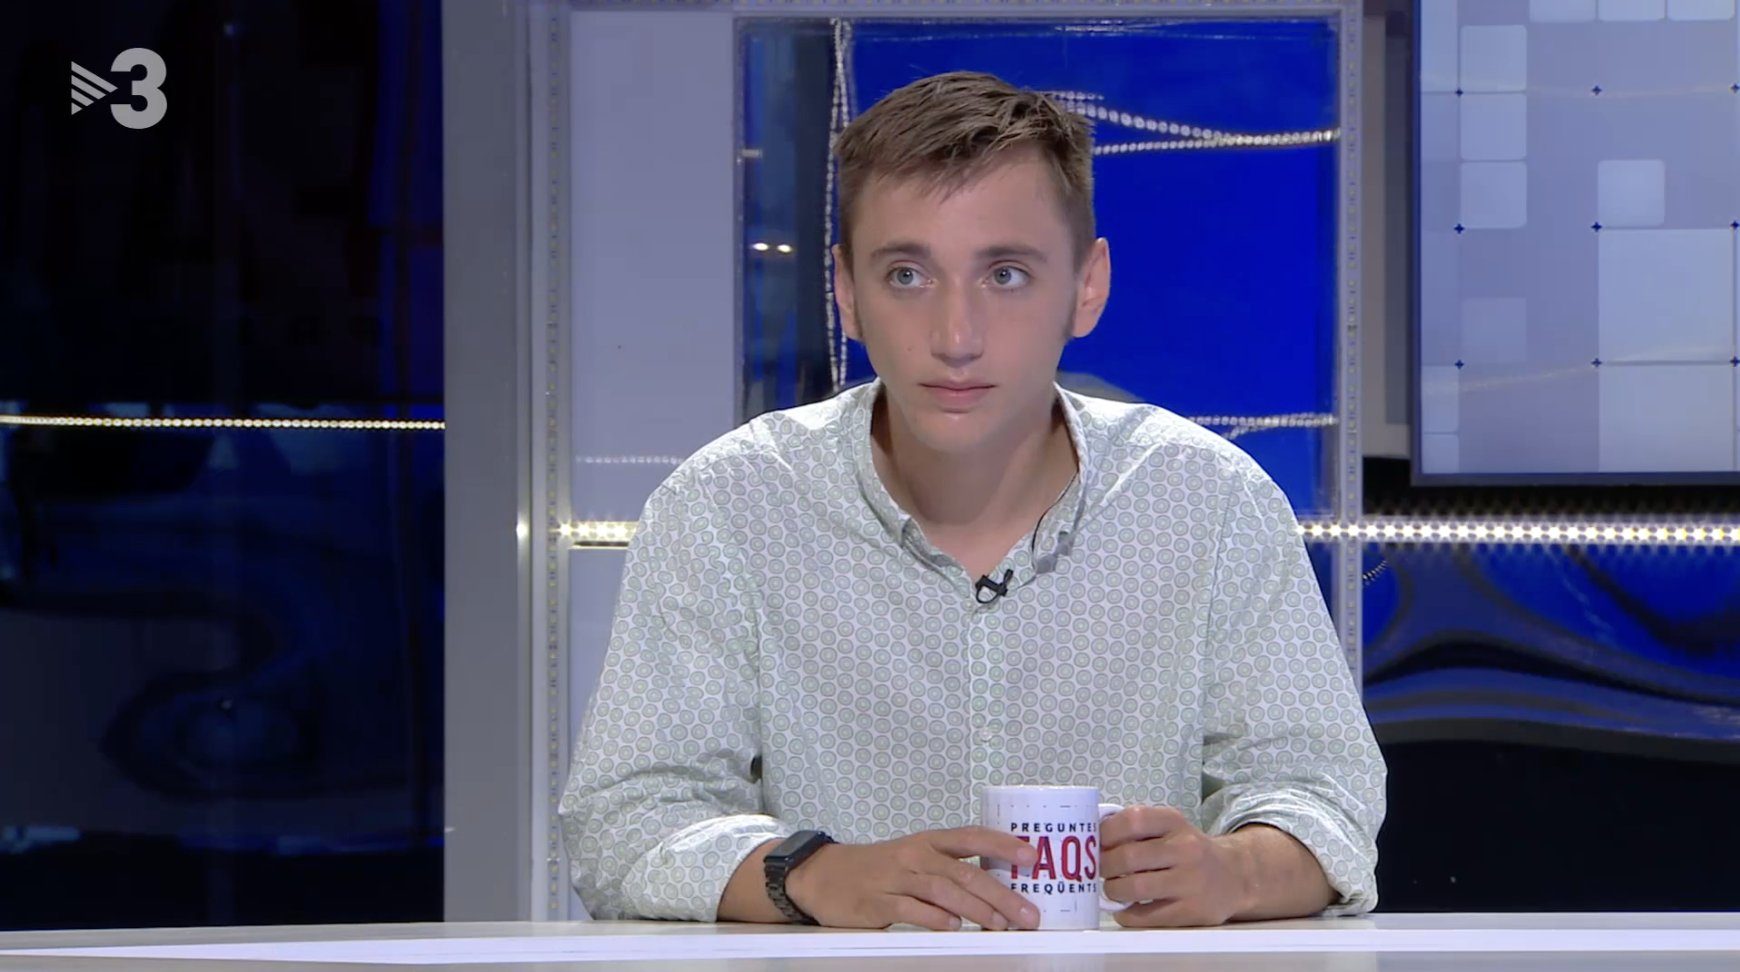 TV3 regala su prime time a un condenado a prisión por agresión a un agente de los Mossos